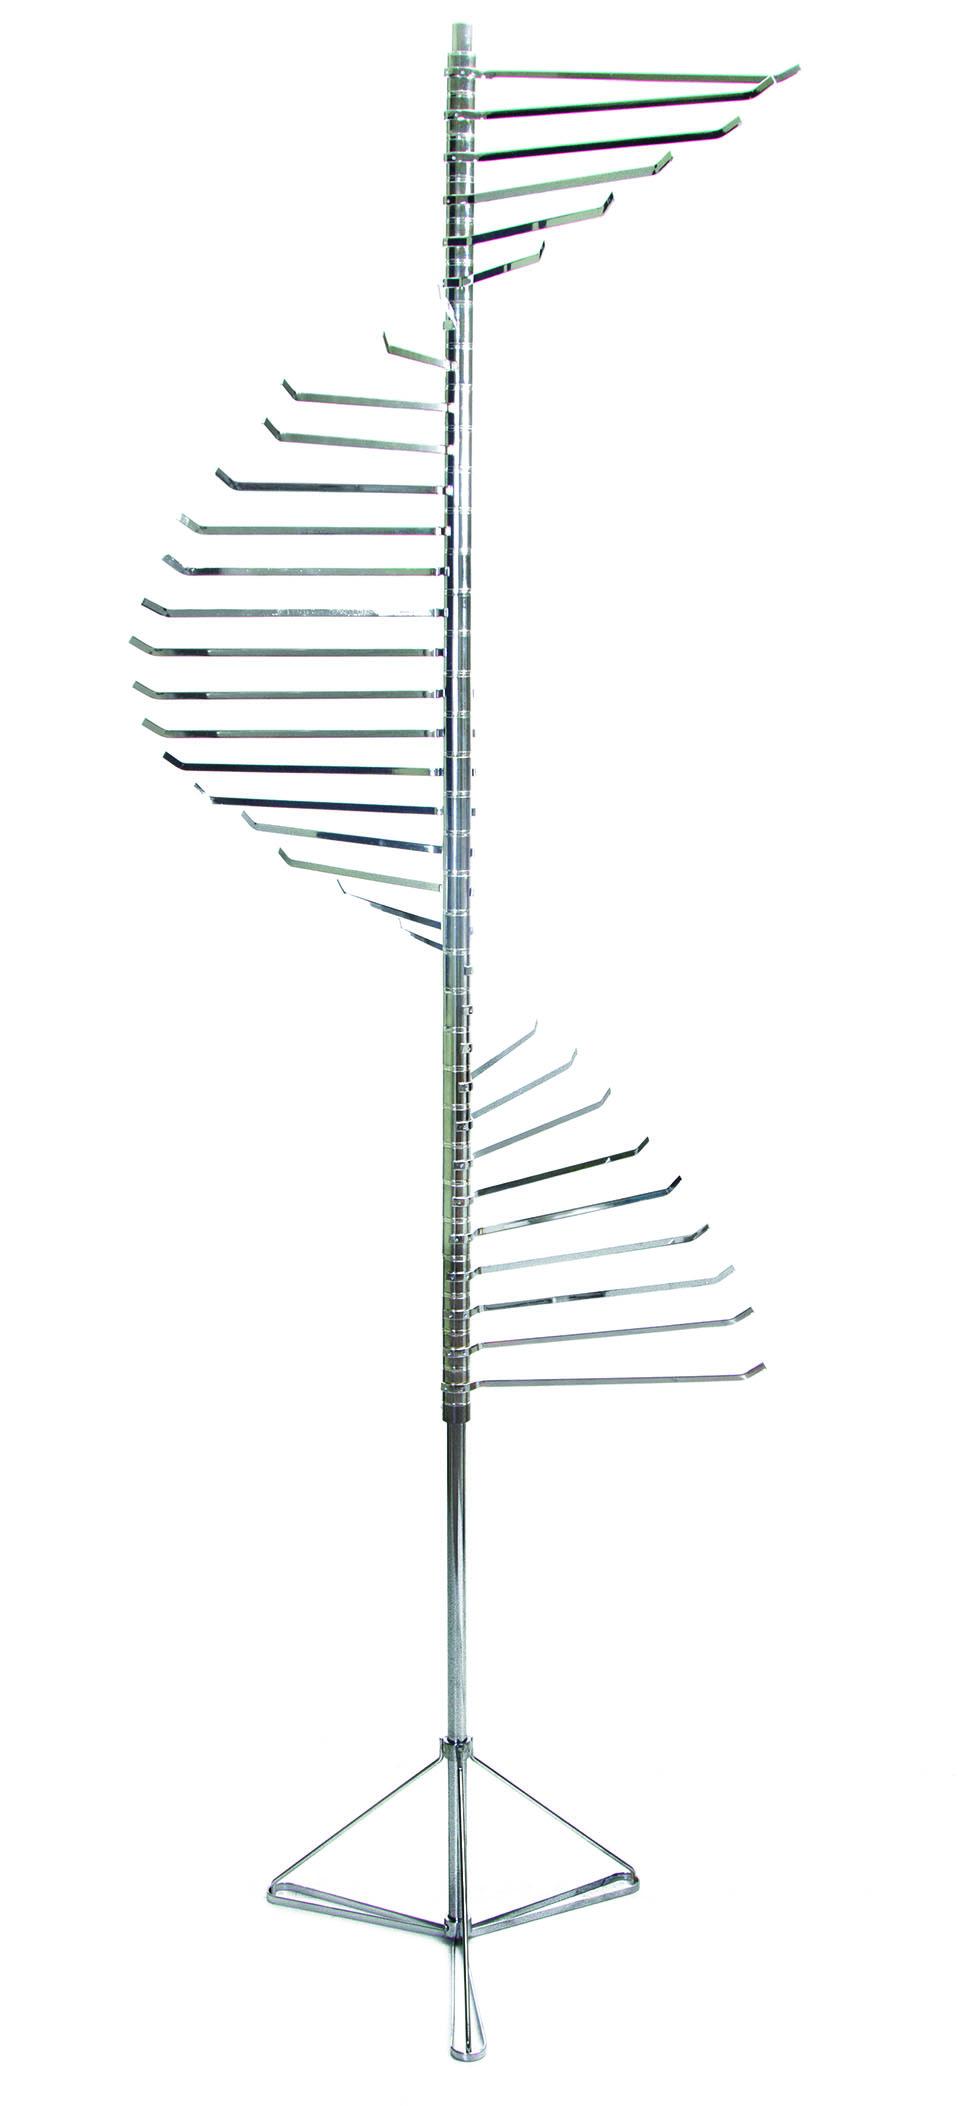 <p>Largura Altura Profundidade</p> <p>500 mm 2120 mm 460 mm</p>